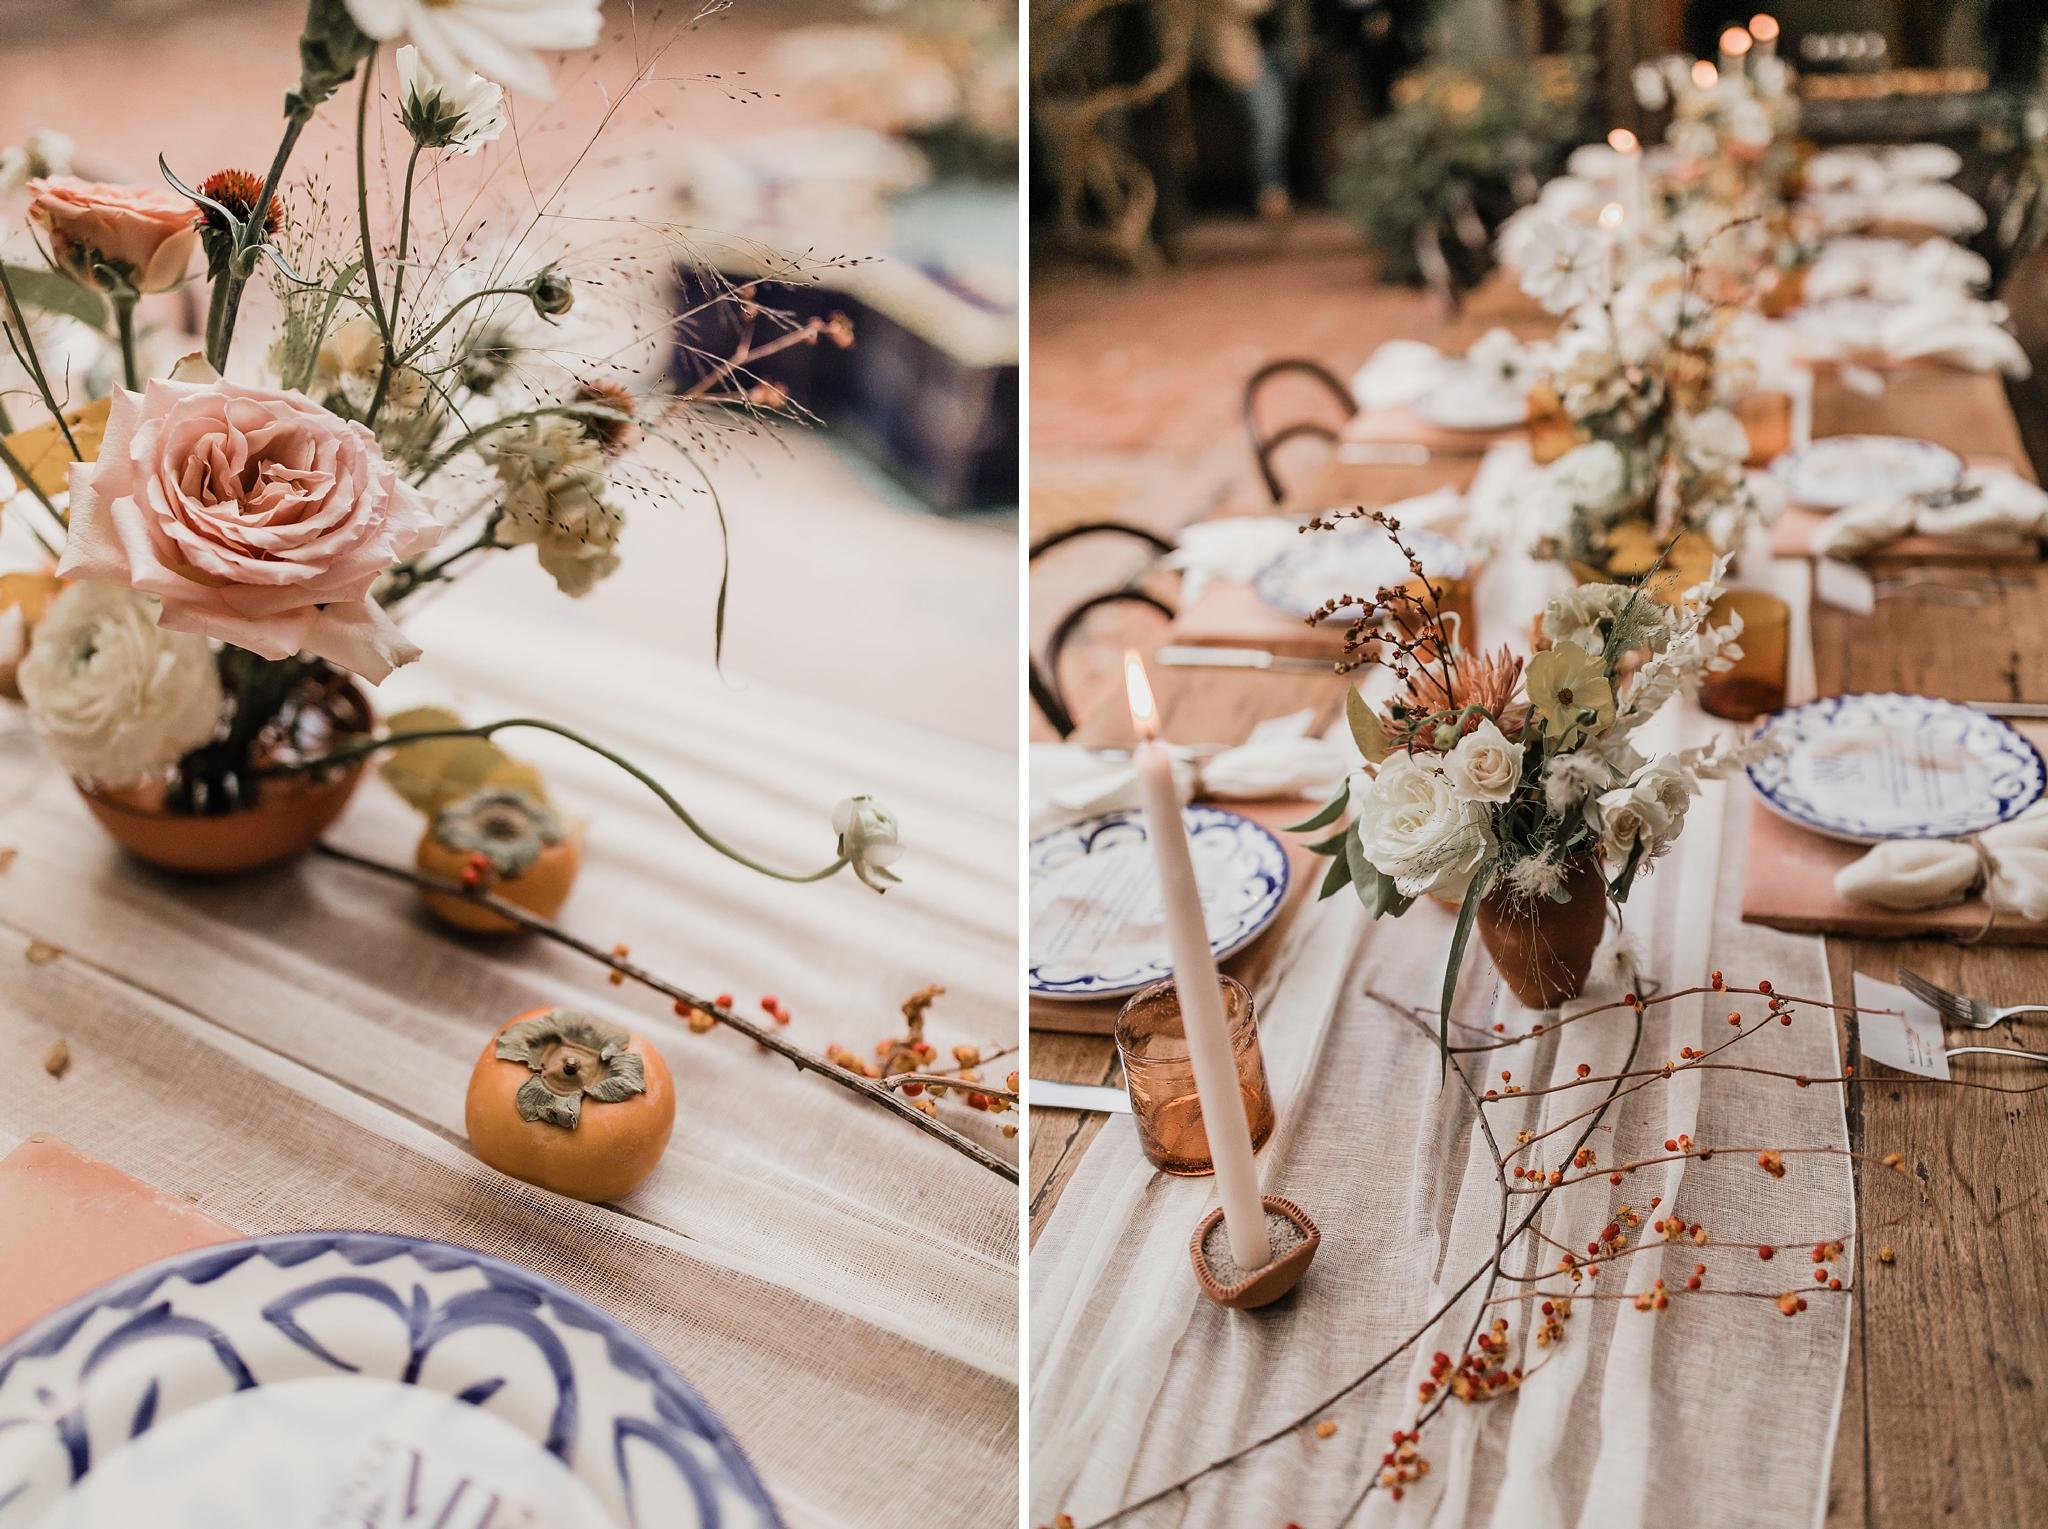 Alicia+lucia+photography+-+albuquerque+wedding+photographer+-+santa+fe+wedding+photography+-+new+mexico+wedding+photographer+-+new+mexico+wedding+-+new+mexico+florist+-+floriography+flowers+-+floriography+flowers+new+mexico+-+wedding+florist_0015.jpg